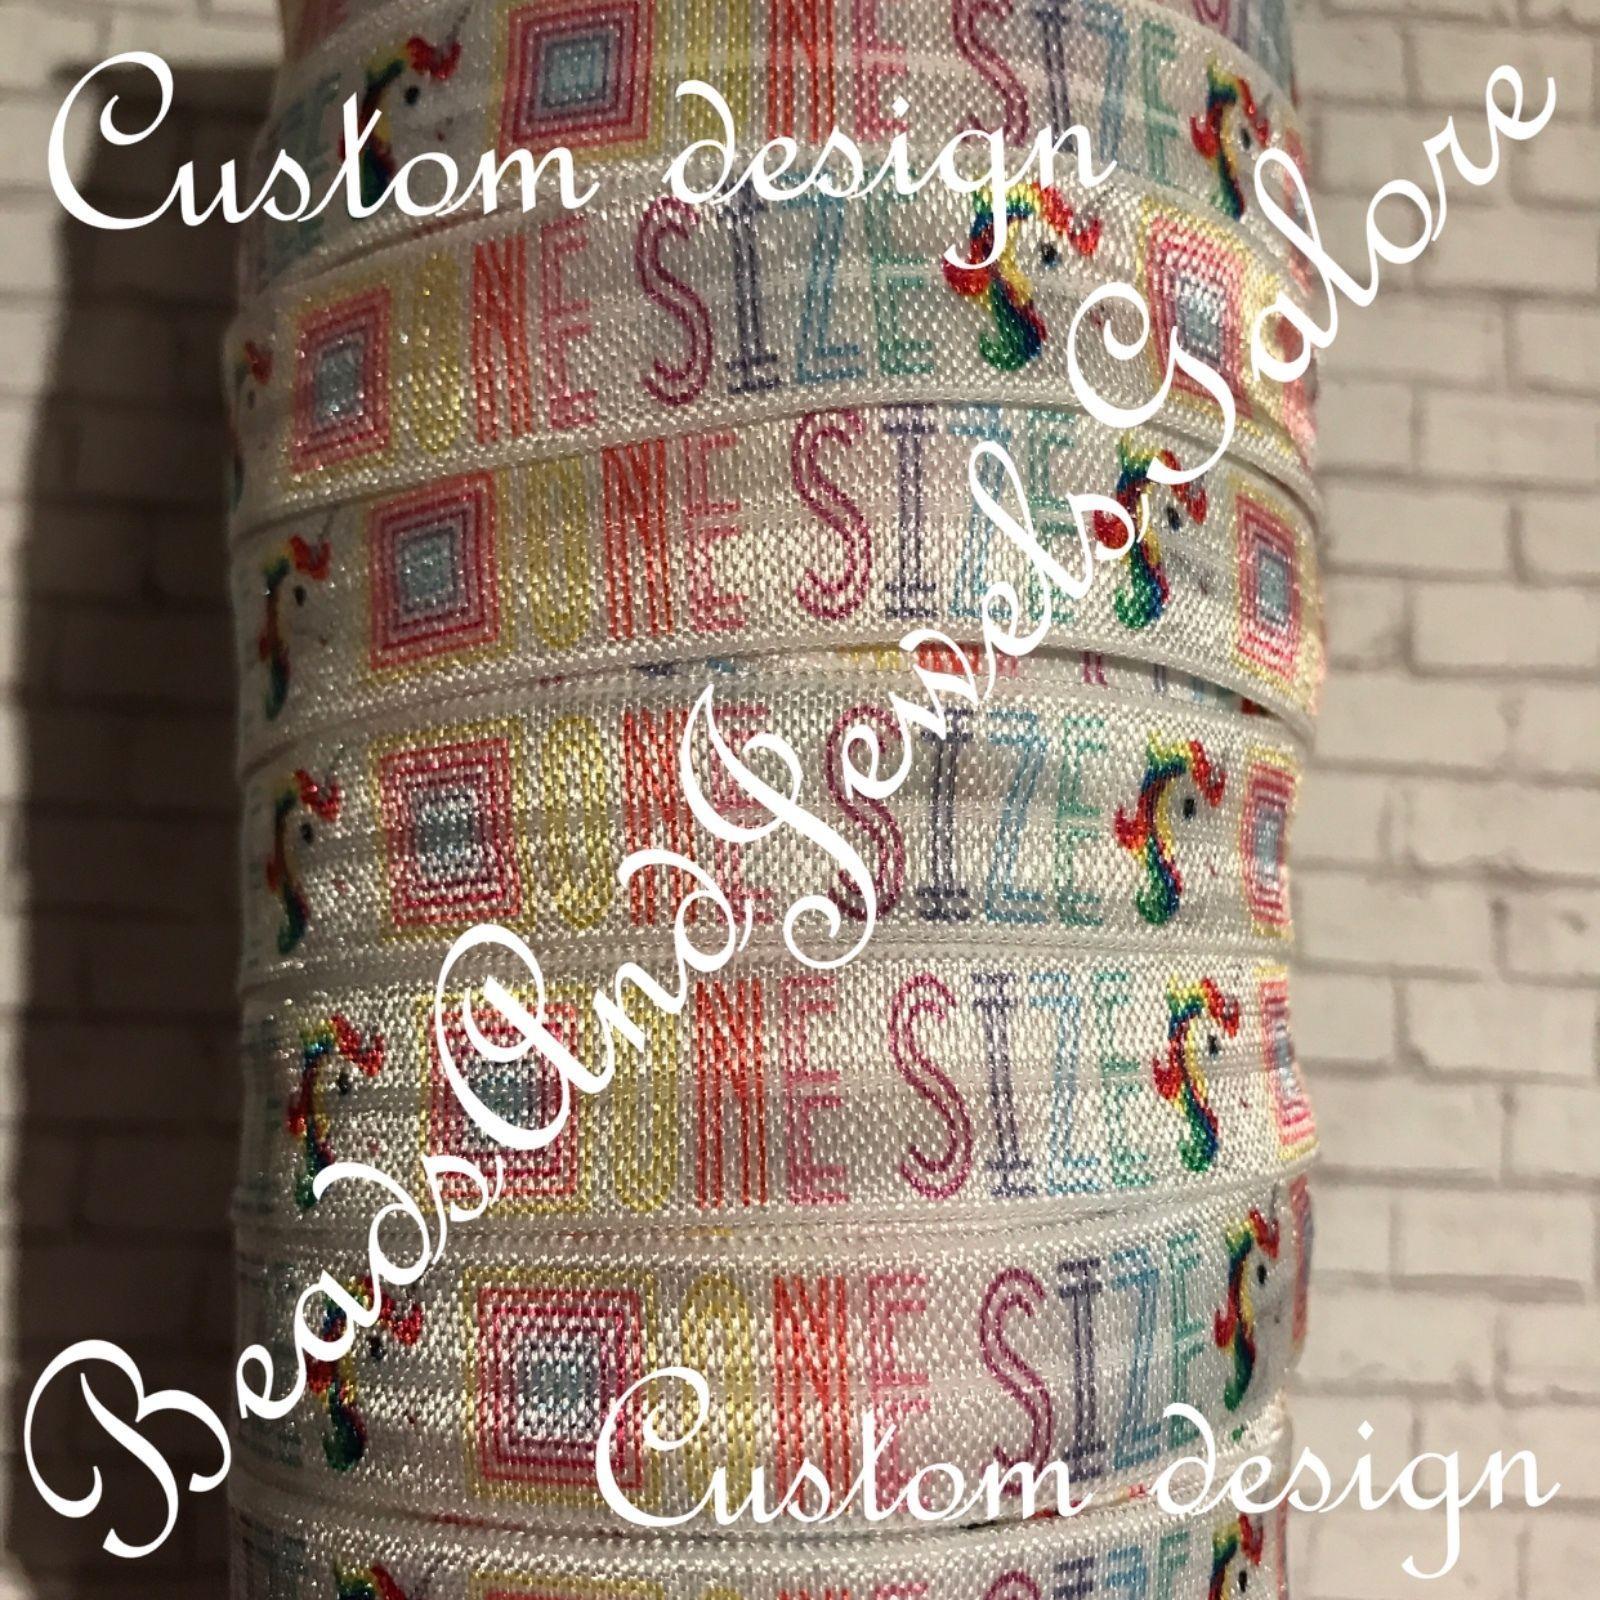 Ribbon 71224  Lularoe Foe Lularoe One Size Unicorn Foe Elastic Lularoe Hair  Ties - 5 cab51b03792